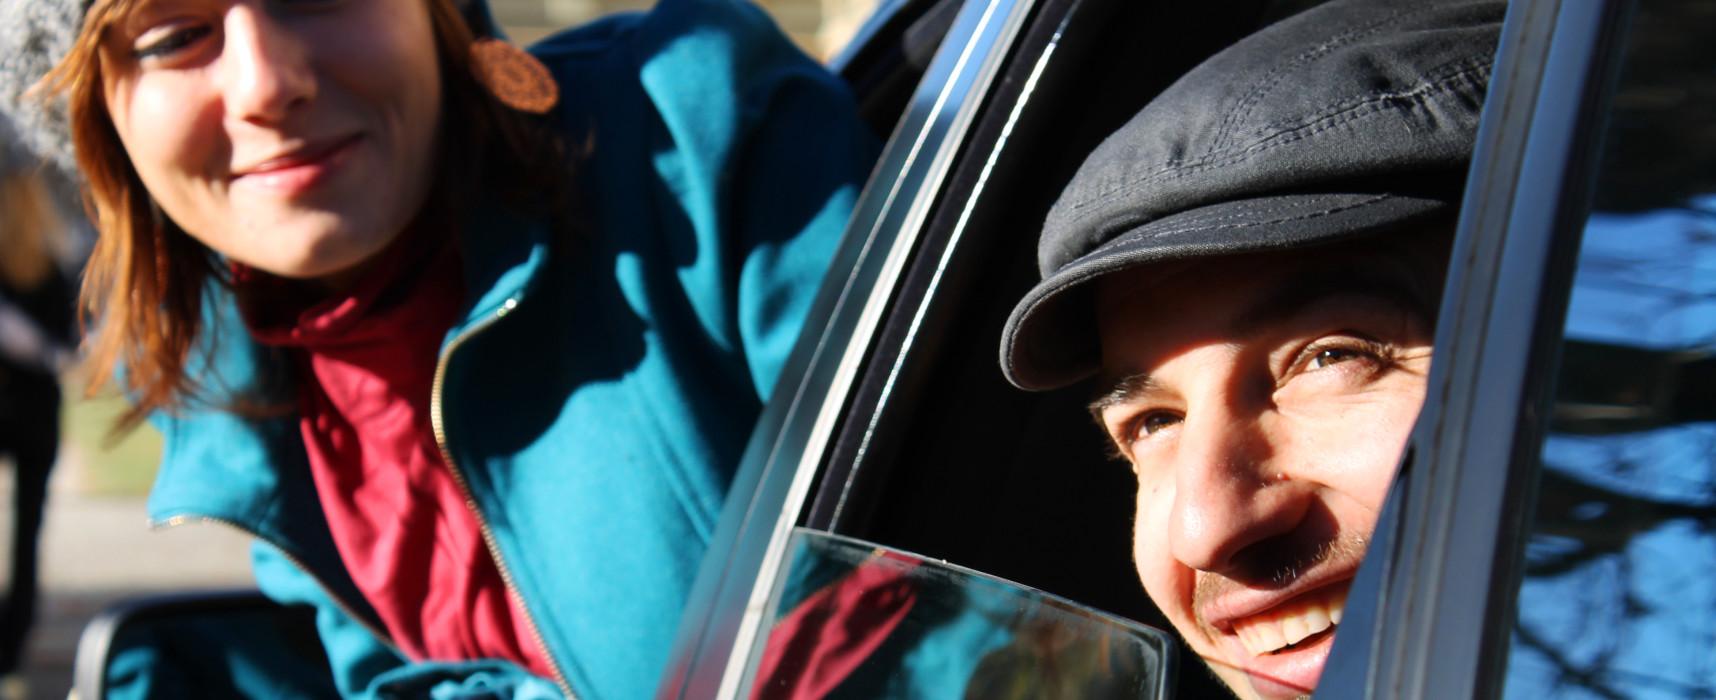 AutoinComune in un clik, il car pooling ad Arezzo